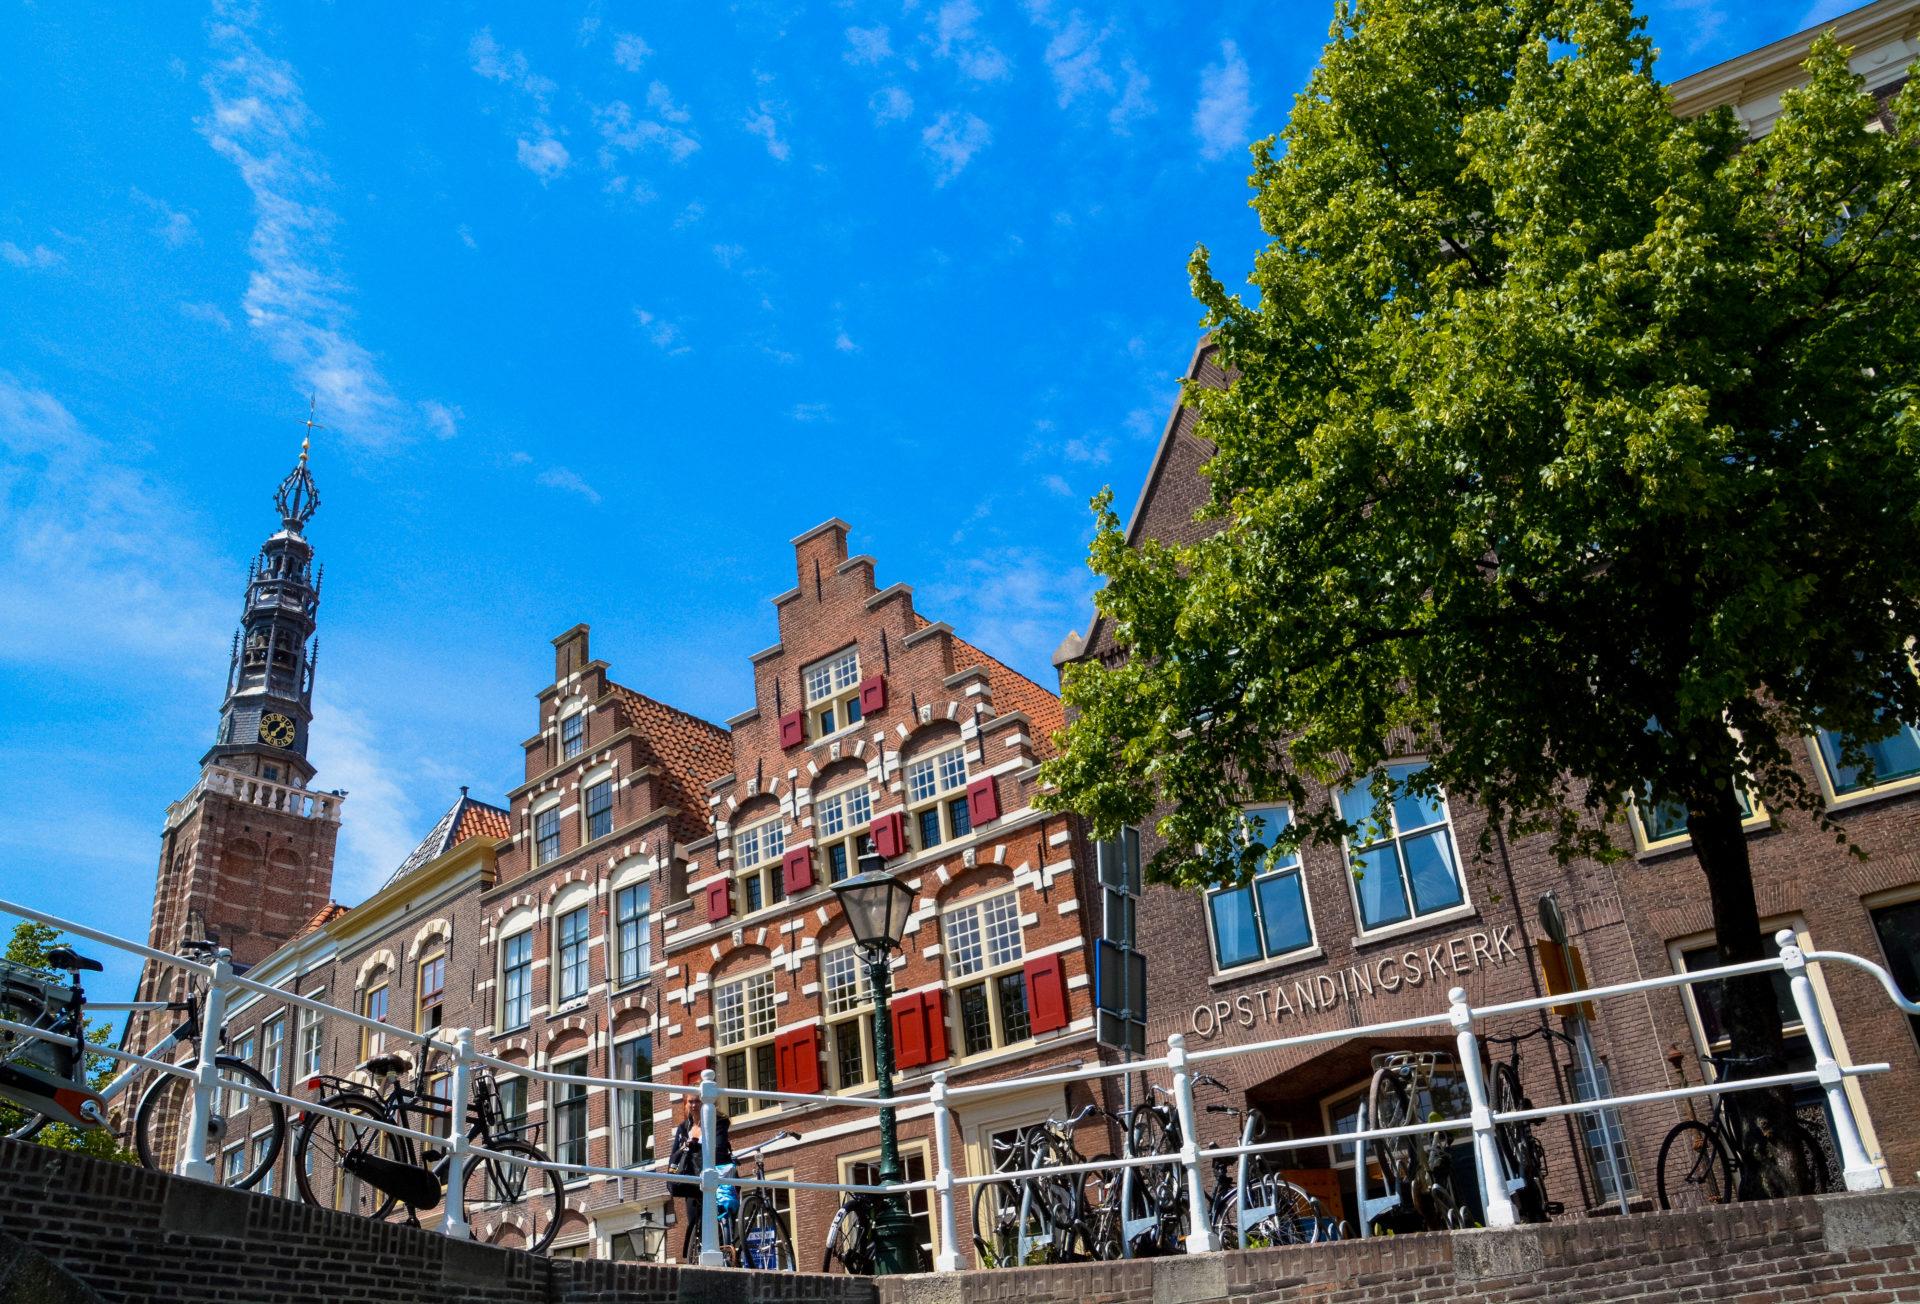 Eine Grachtenrundfahrt in Leiden gehört zu den Top-Attraktionen von Leiden, weil der Blick auf alter Häuser und Kirchen fällt